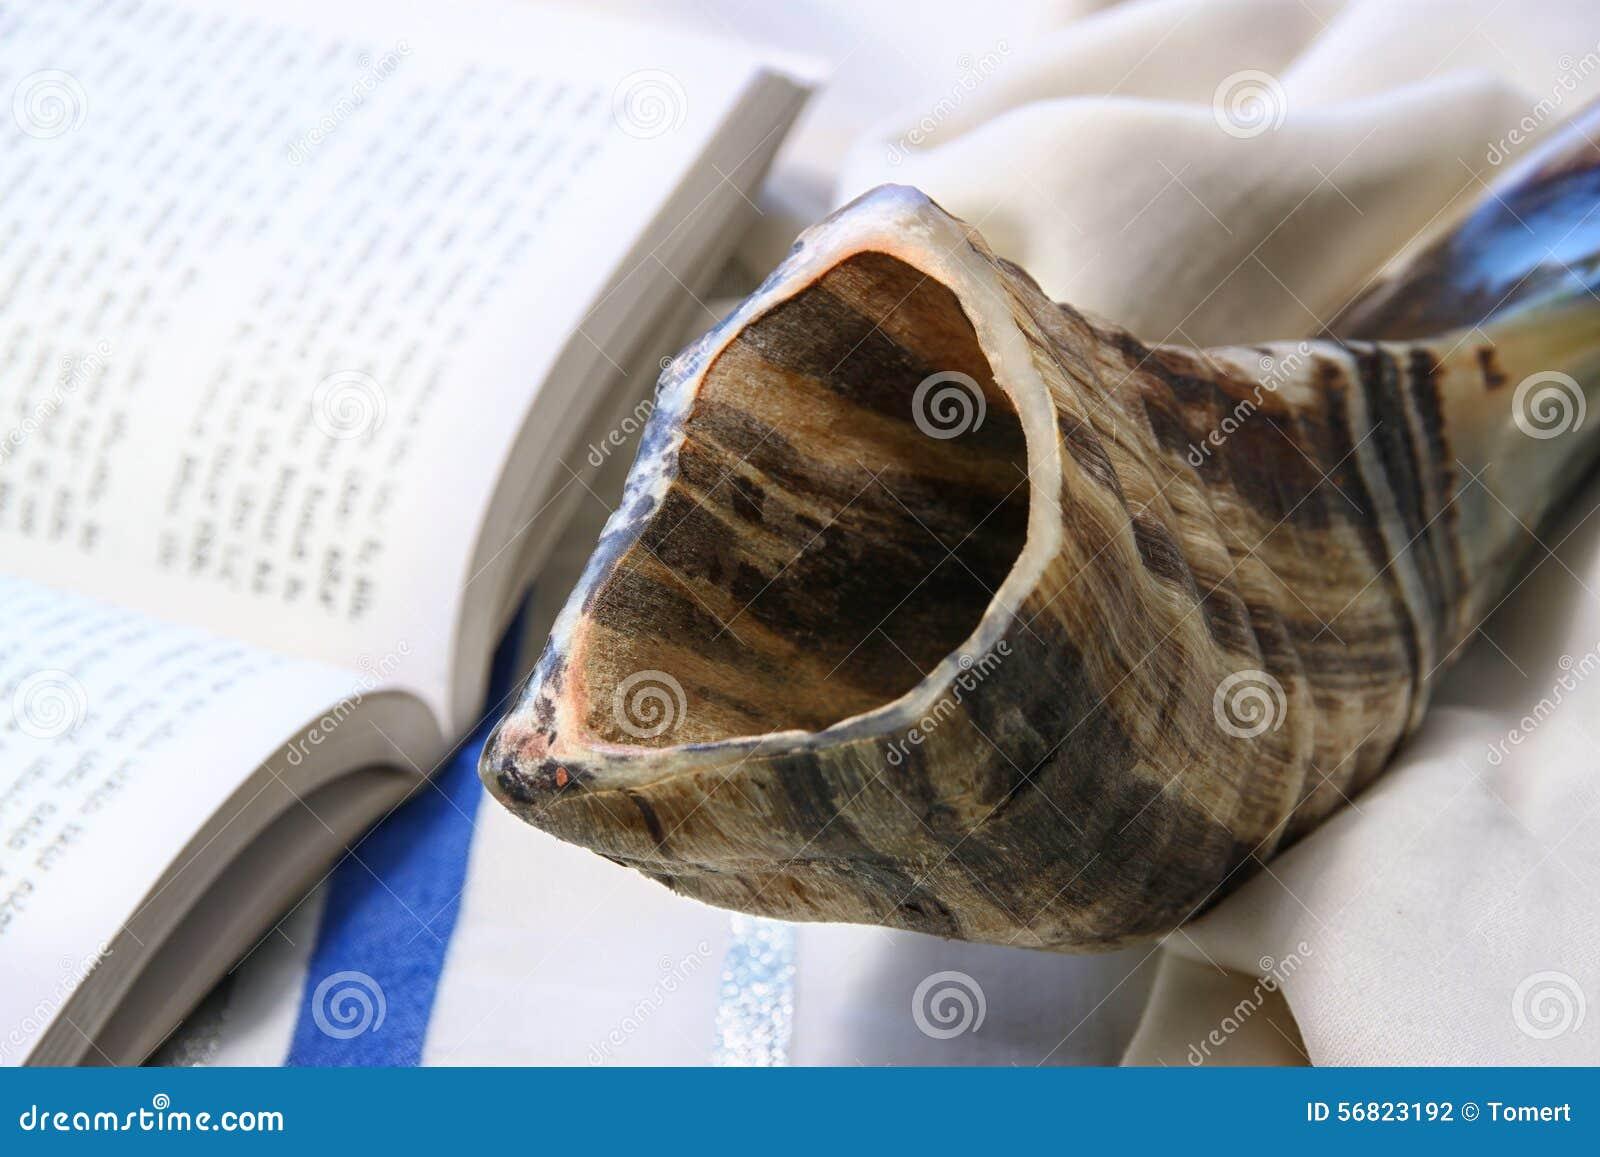 羊角号(垫铁)在白色祷告talit 夏令时 rosh hashanah (犹太假日)概念 传统假日标志